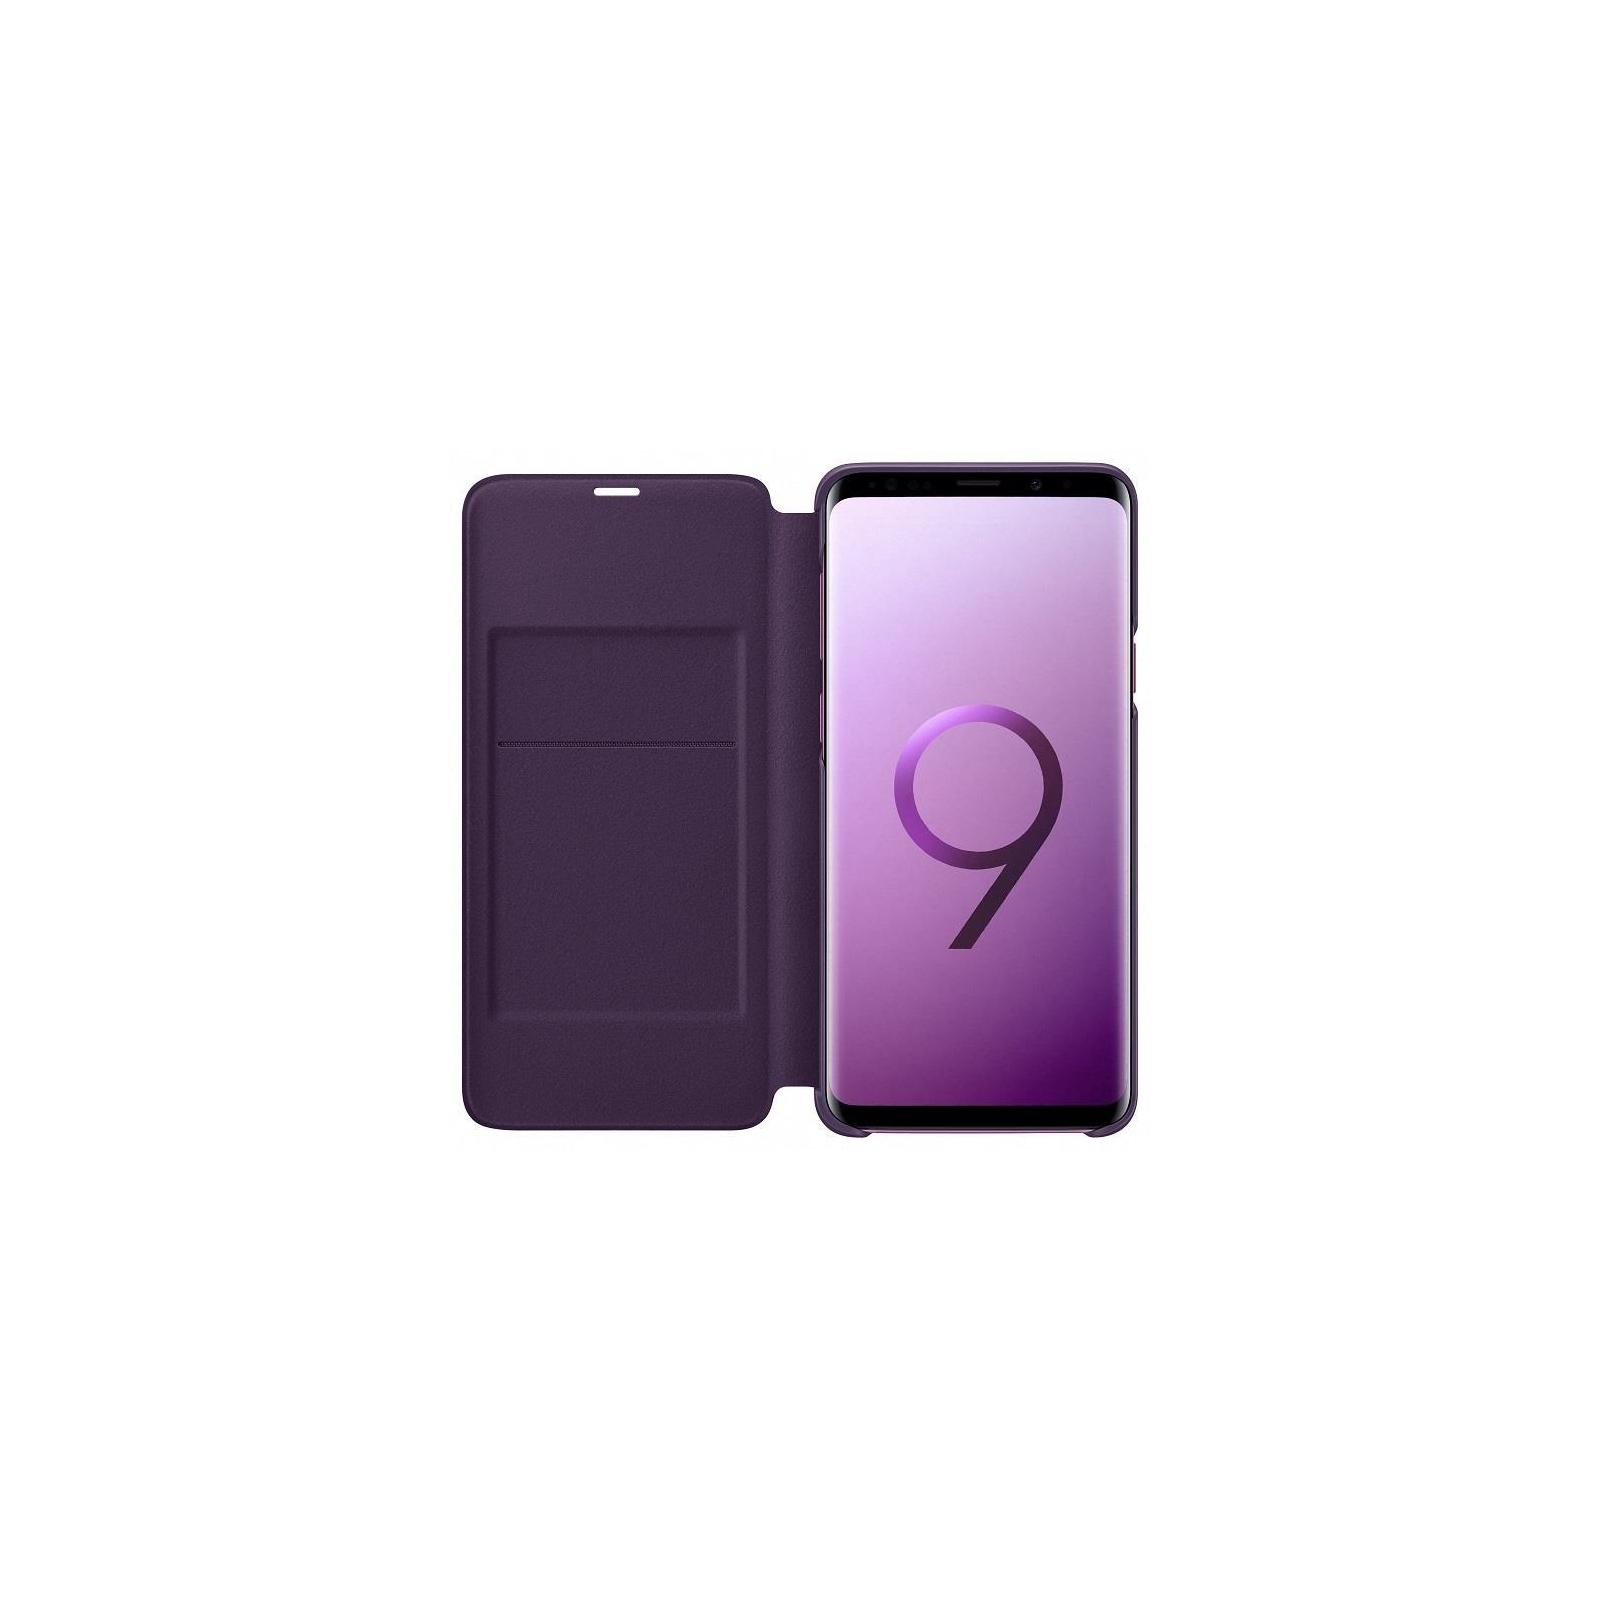 Чехол для моб. телефона Samsung для Galaxy S9+ (G965) LED View Cover Orchid Gray (EF-NG965PVEGRU) изображение 3